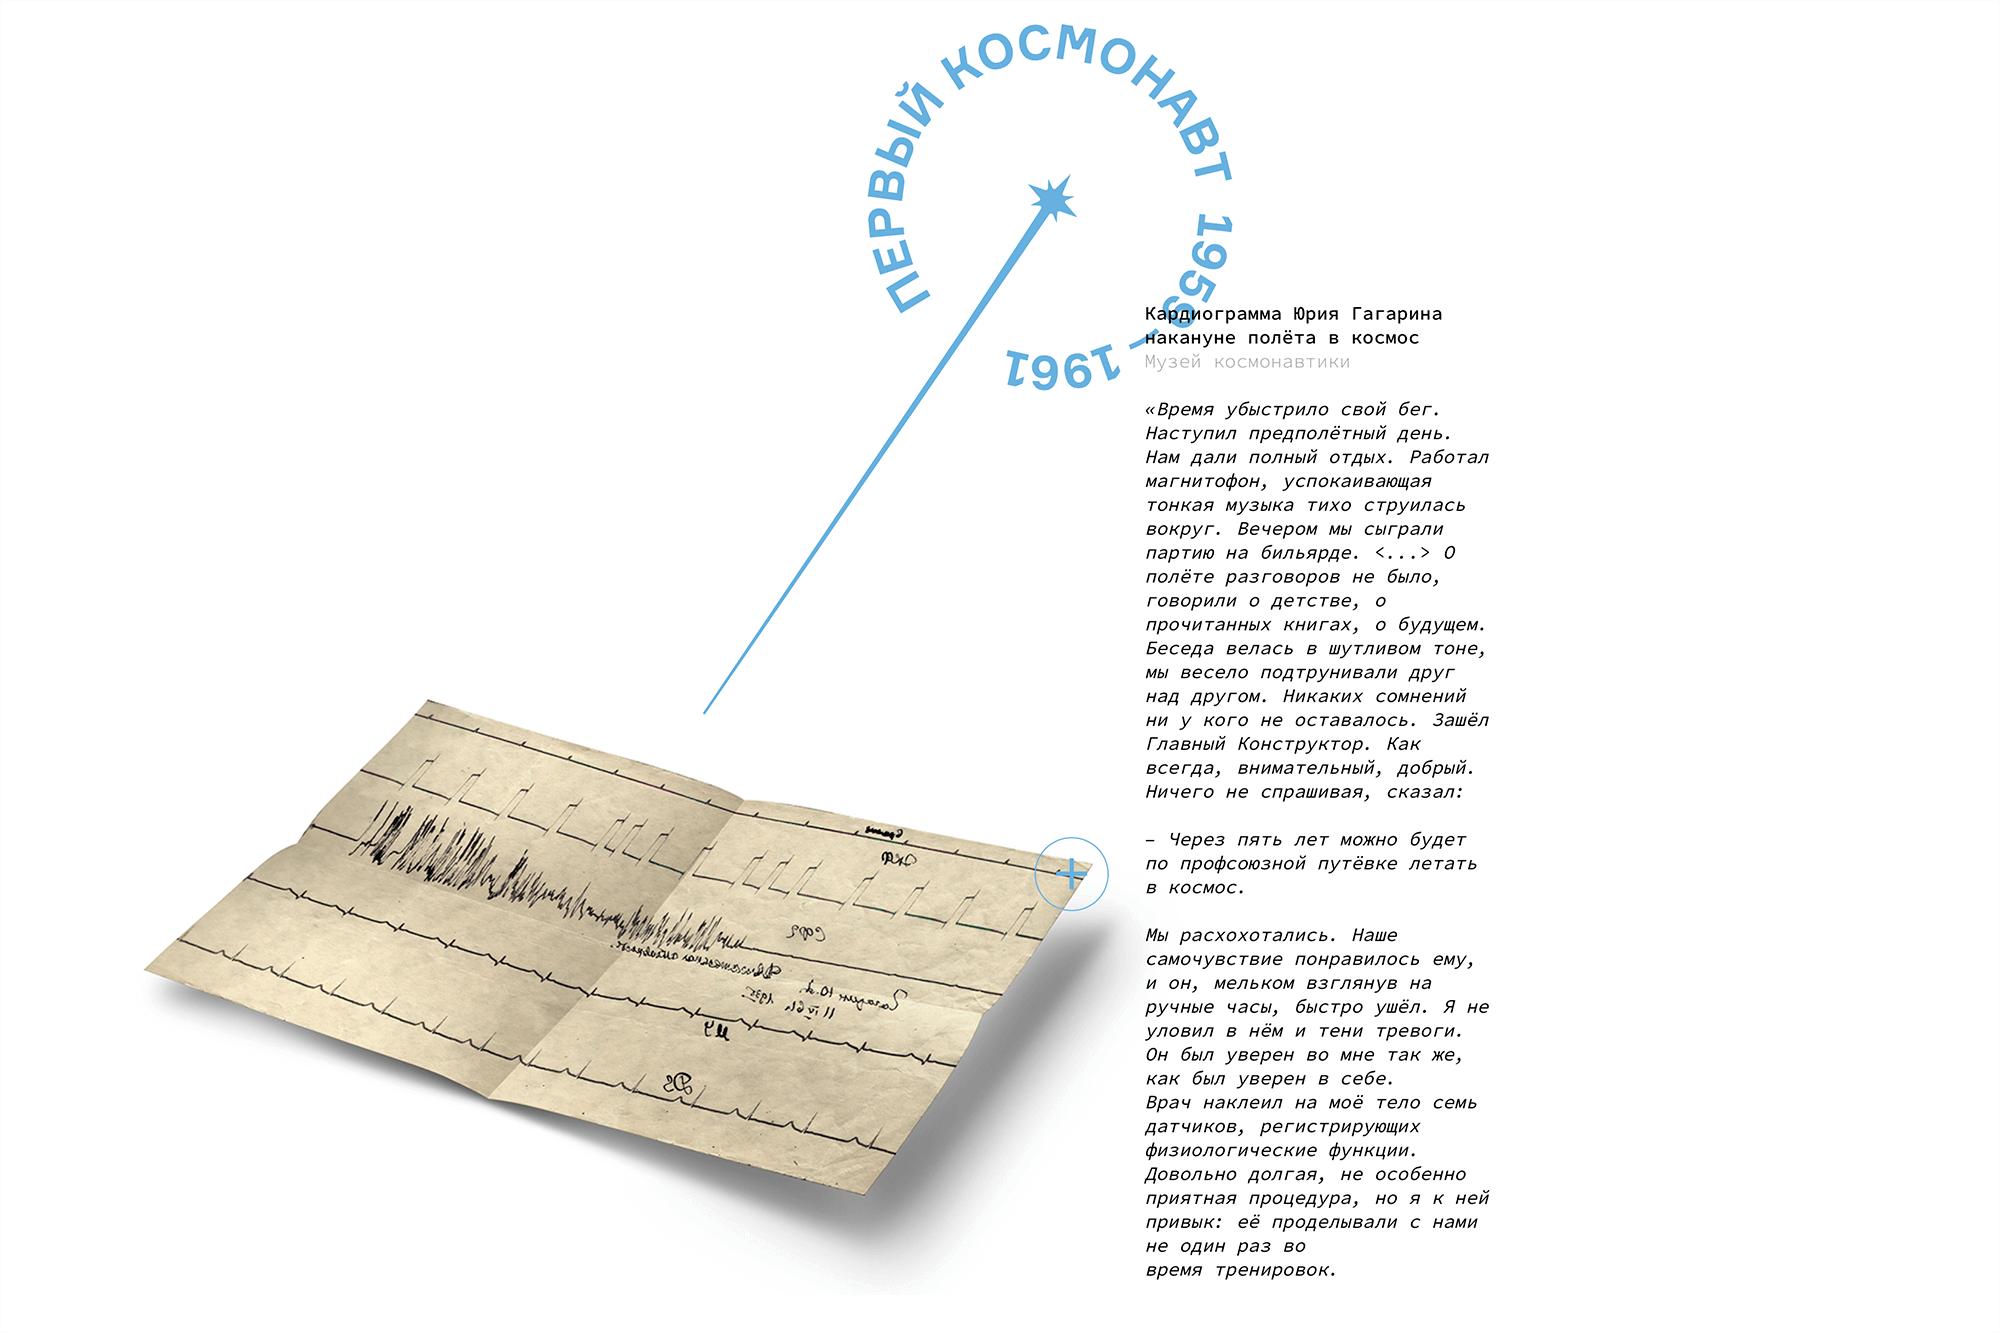 Кардиограмма Гагарина перед первым полетом